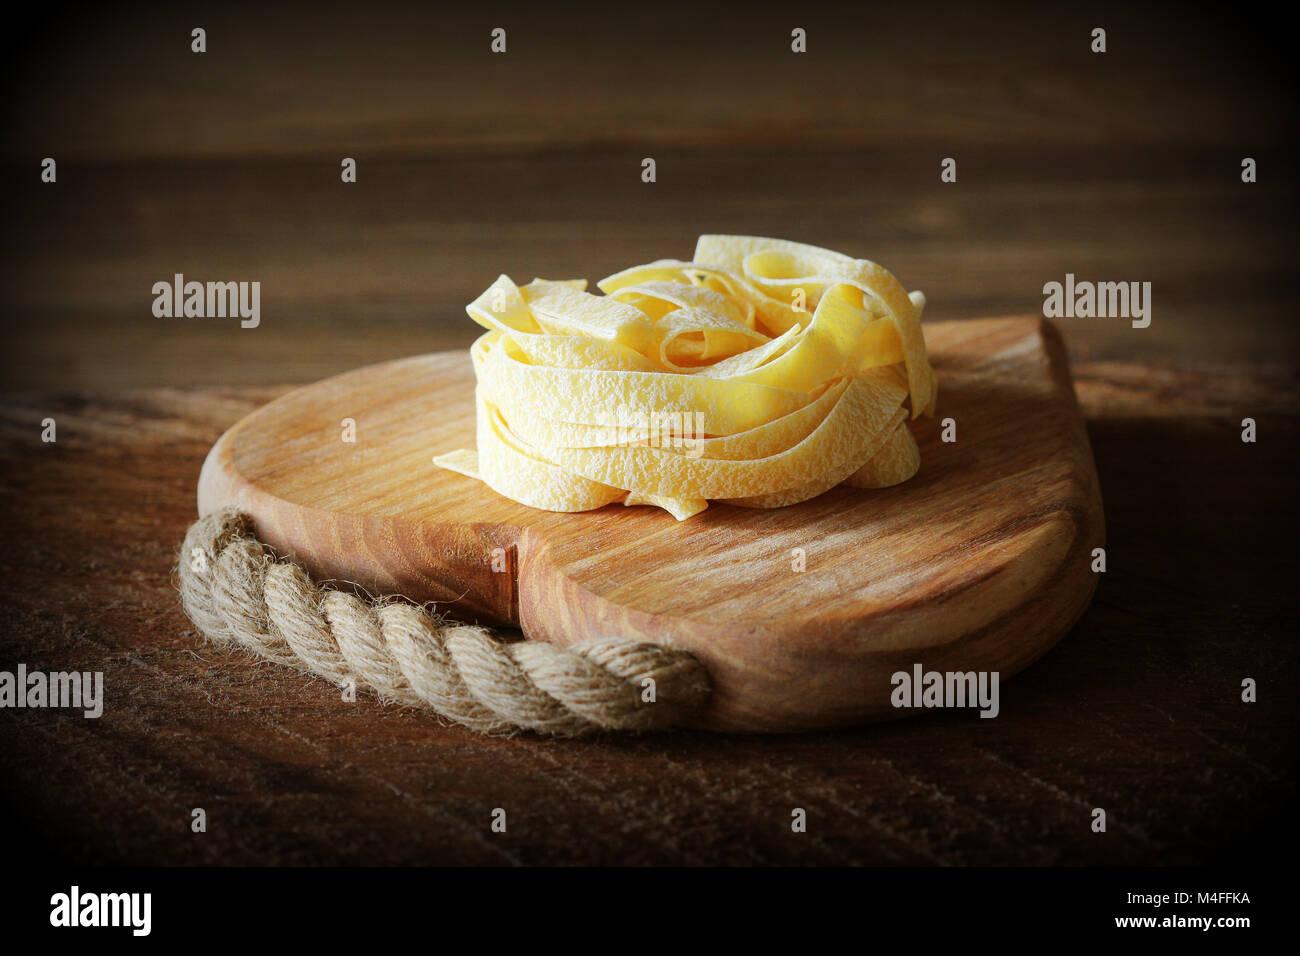 Nido di tagliatelle di pasta sul tagliere di legno aon sfondo rustico. Messa a fuoco selettiva Immagini Stock